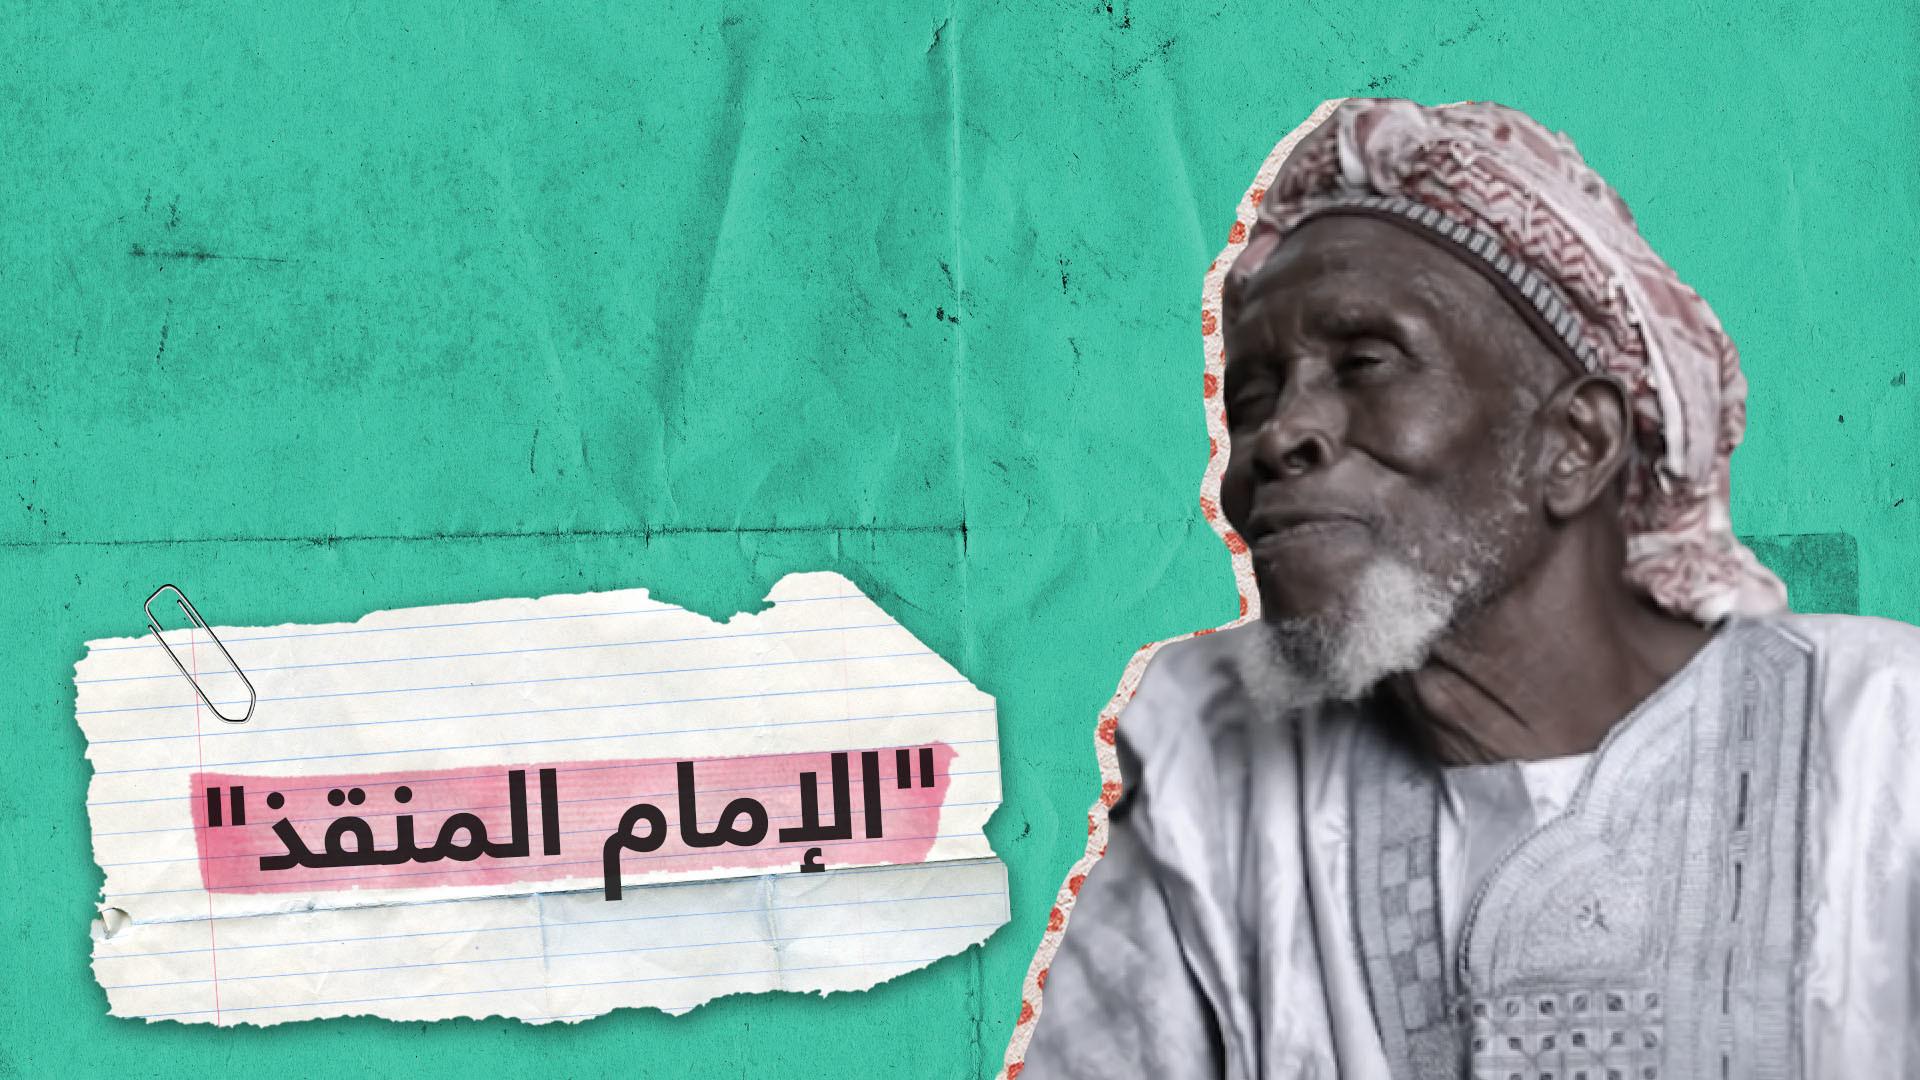 إمام مسجد نيجيرييخاطر بحياته لإنقاذ 262 مسيحيا من موت محقق (فيديو)